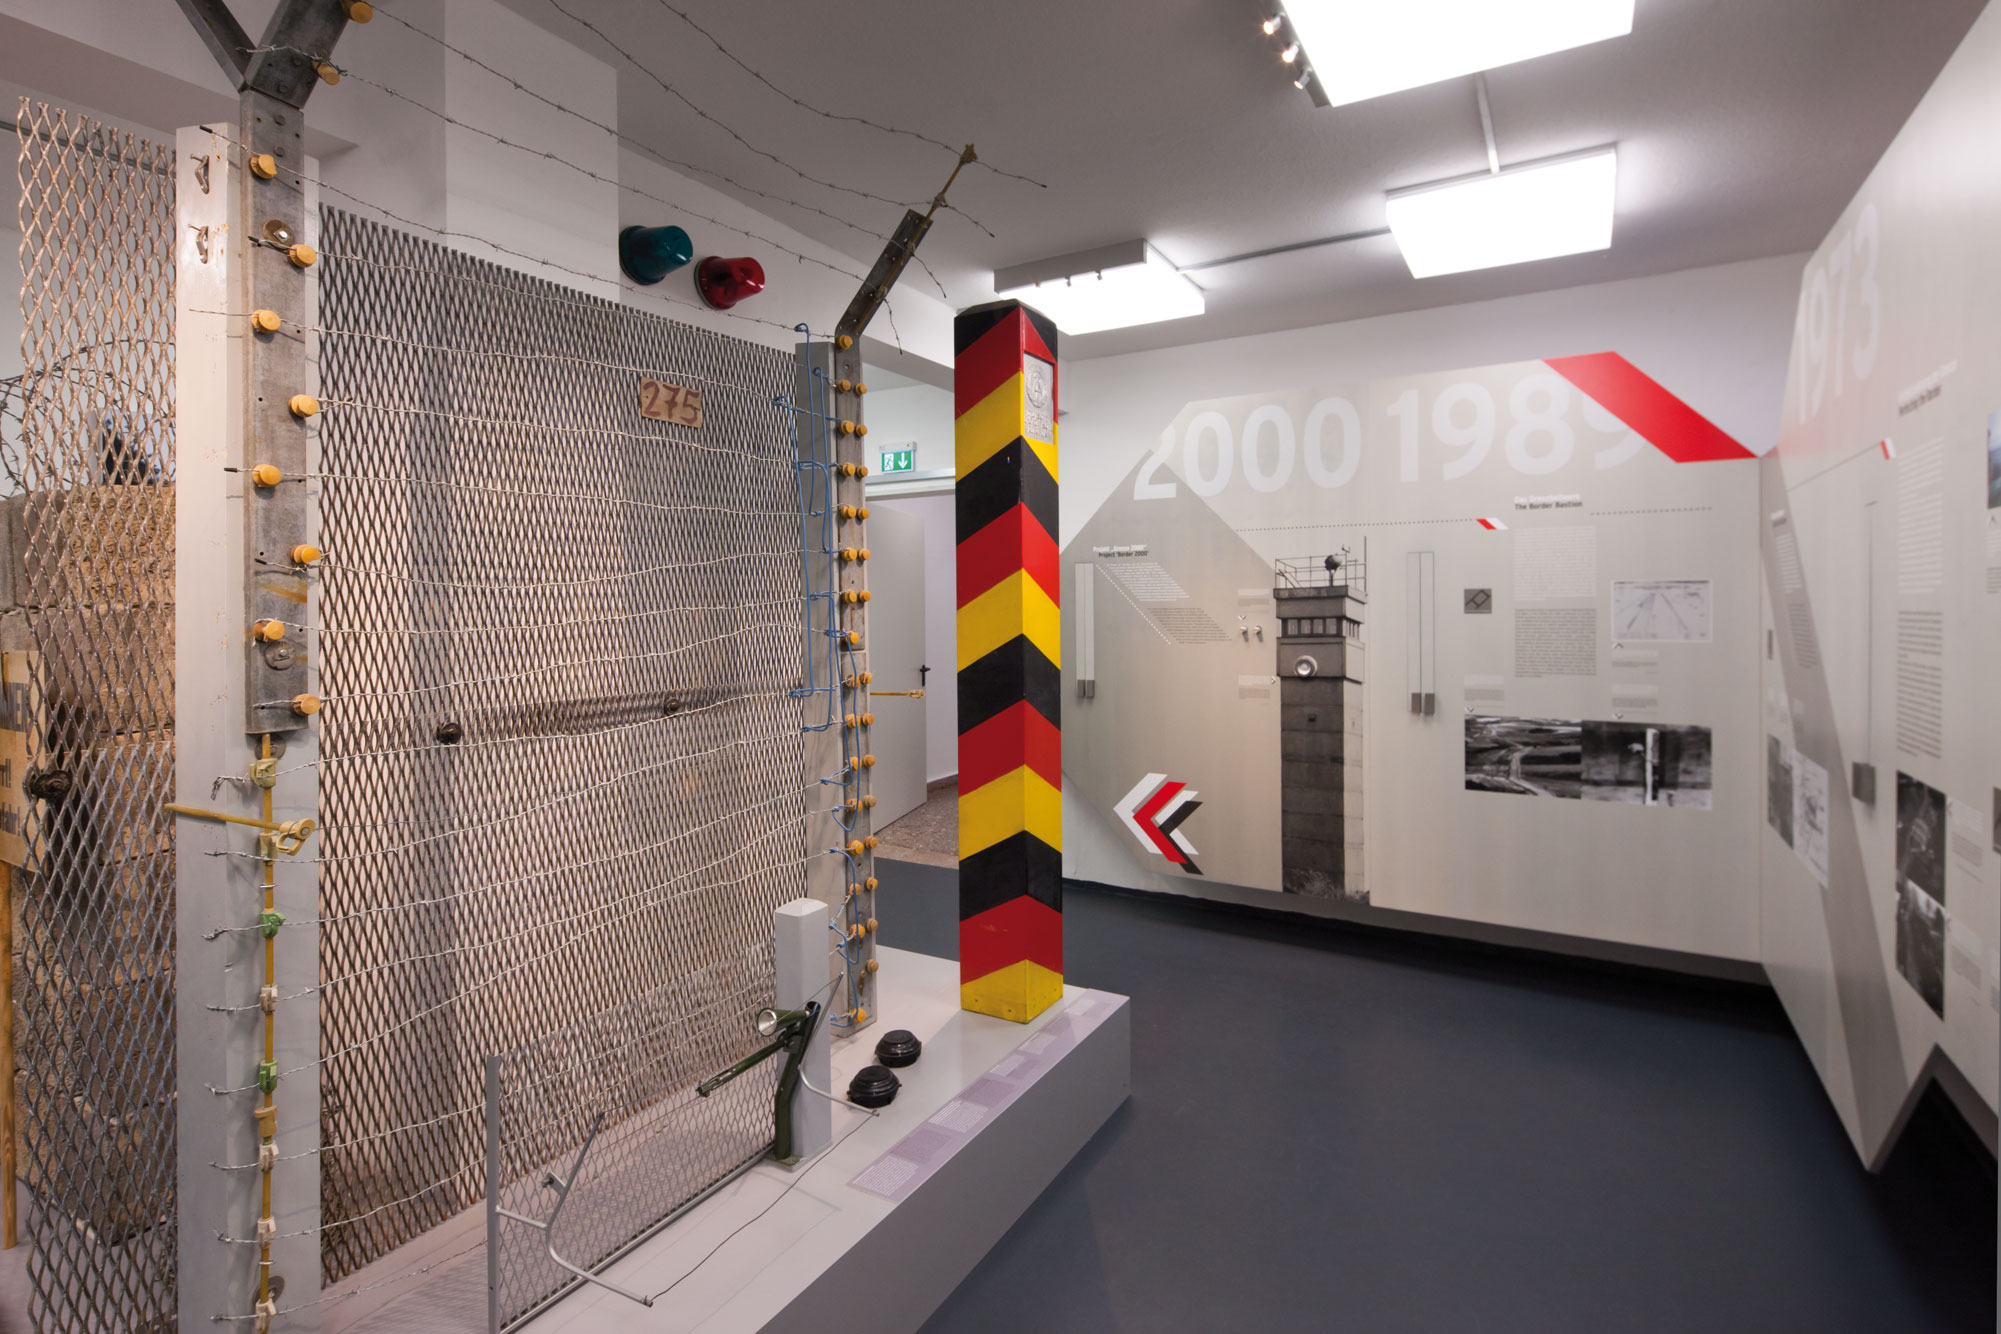 von GROTE Ausstellungsgestaltung und Design / Grenzlandmuseum Eichsfeld